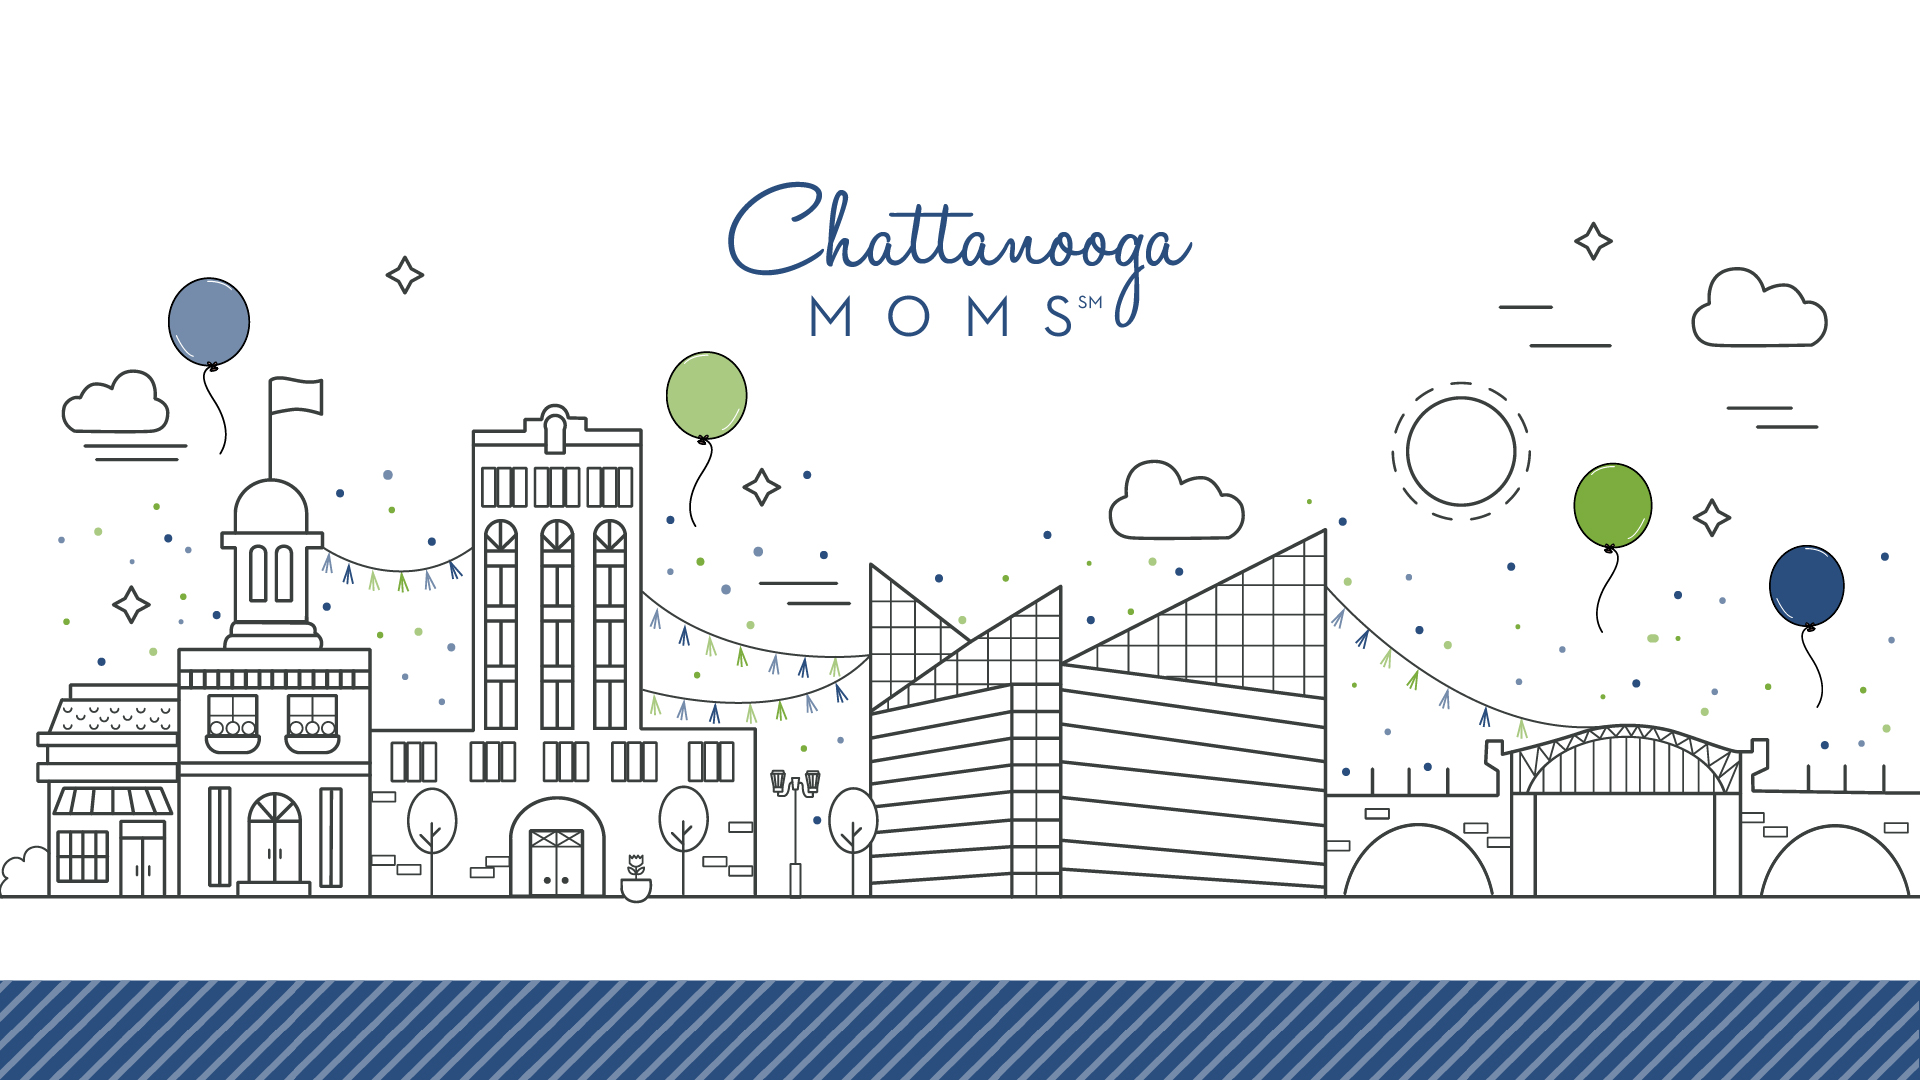 Chattanooga Moms Neighborhood Groups